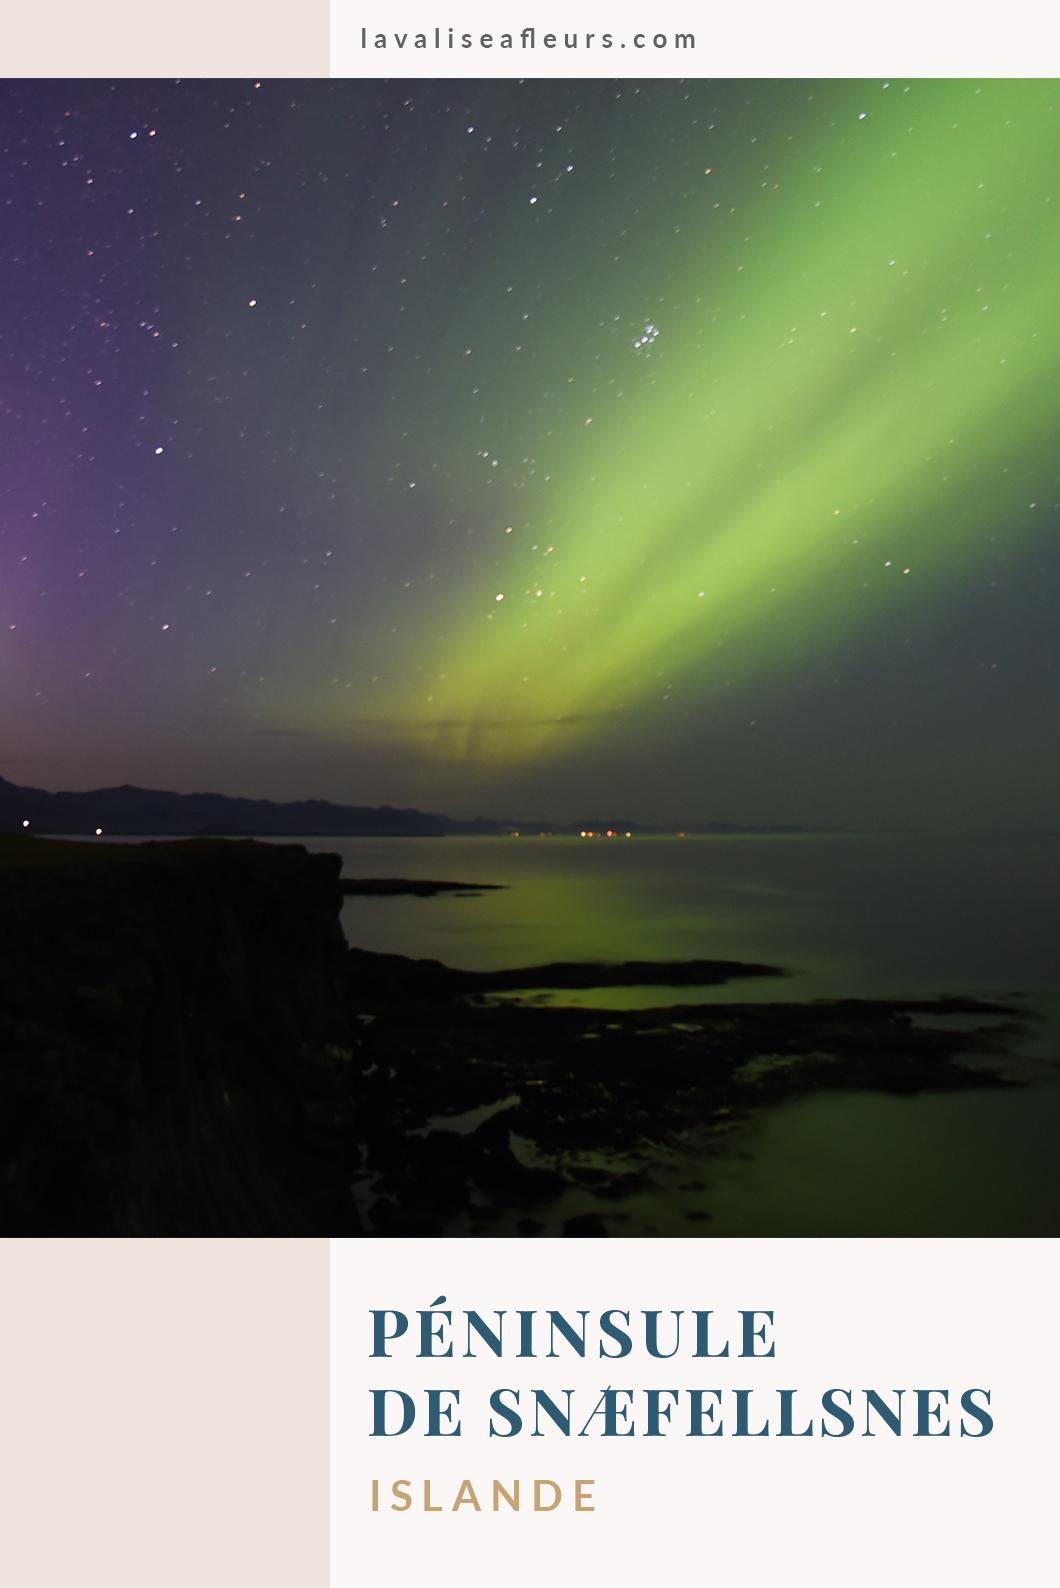 Visiter la Péninsule de Snæfellsnes en Islande